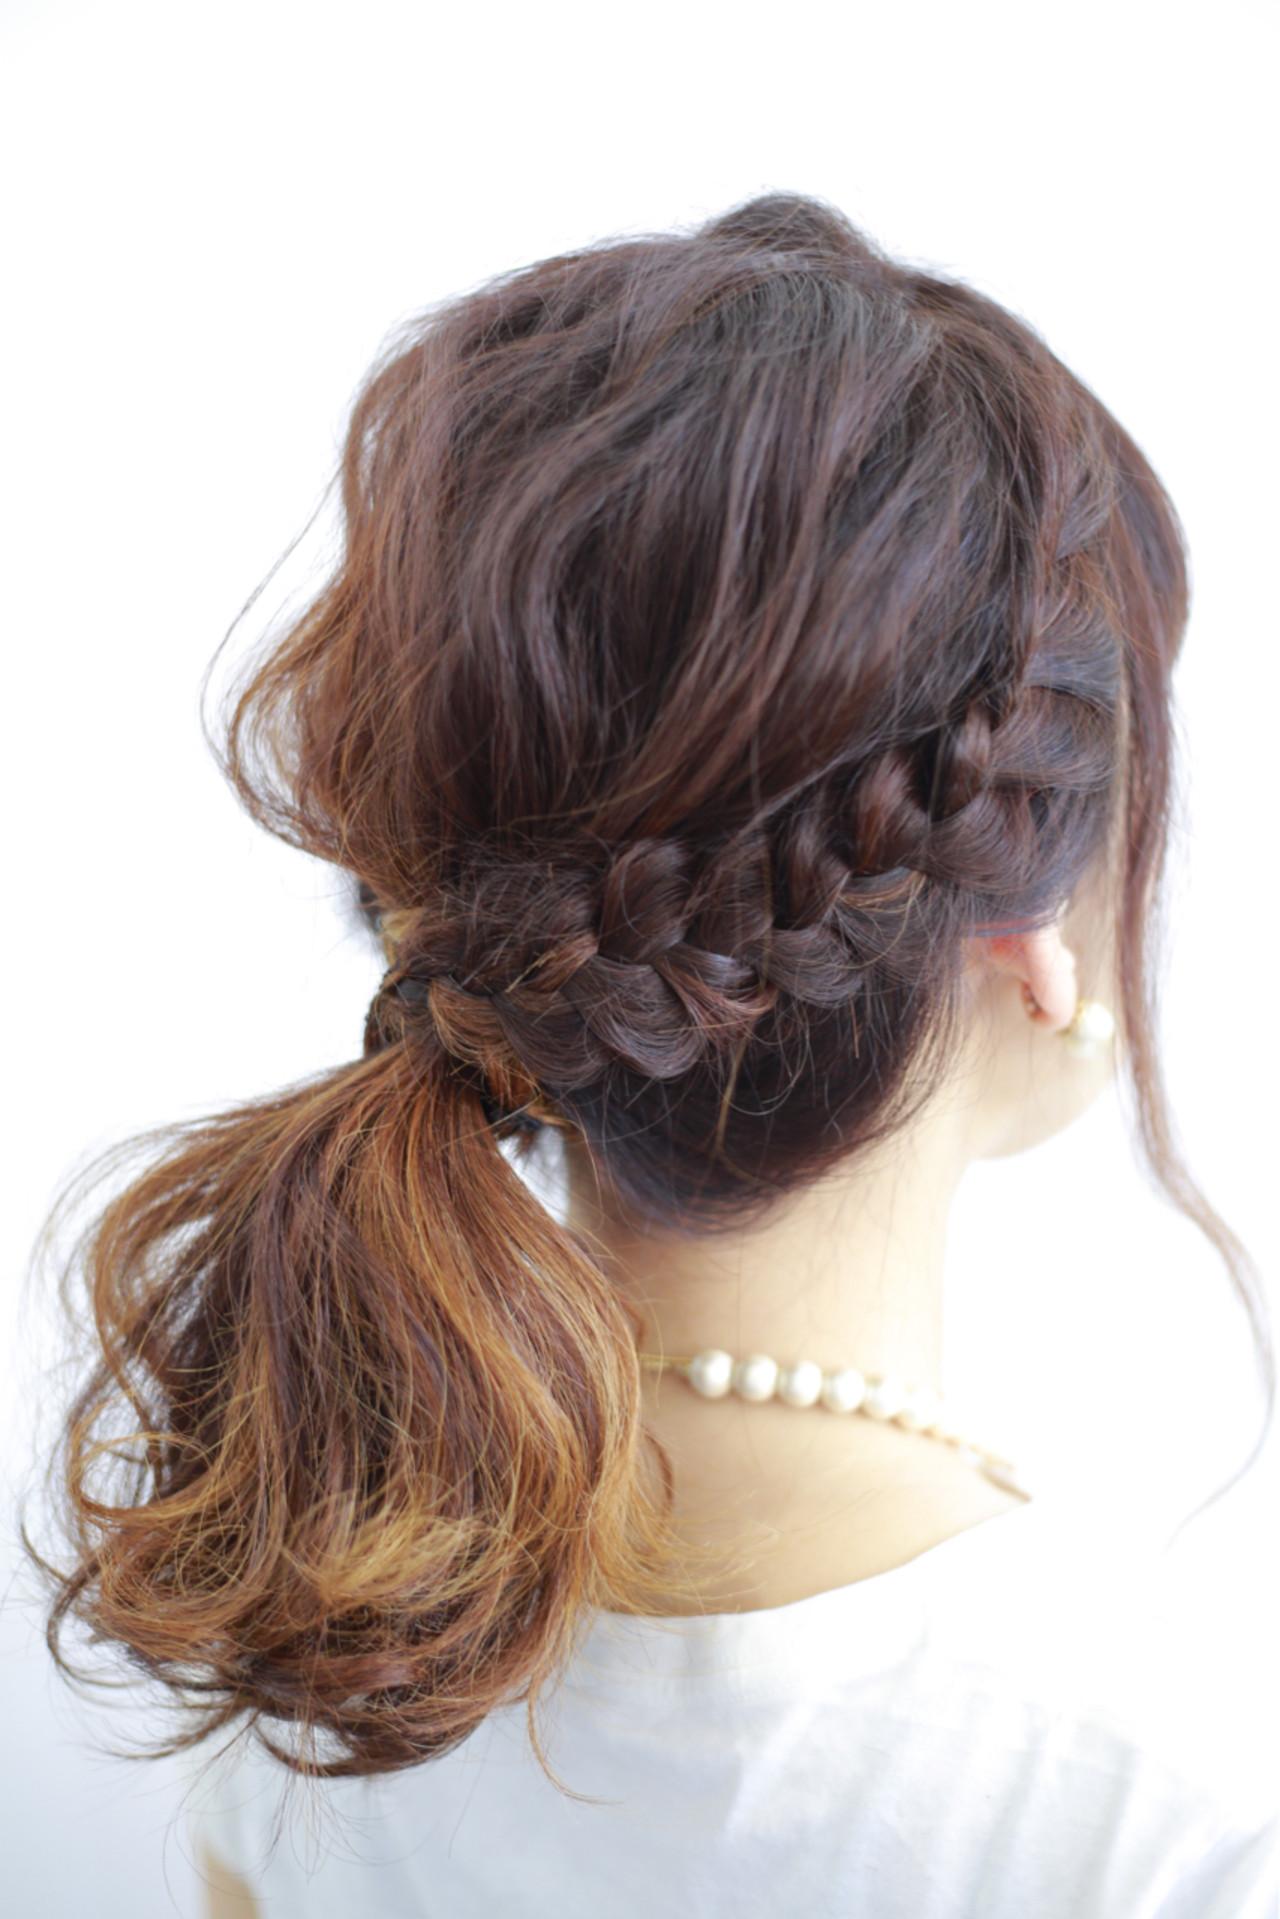 ナチュラル ミディアム ベージュ ゆるふわ ヘアスタイルや髪型の写真・画像 | 小笠原 淳 / hair make No.8(ヘアメイクエイト)